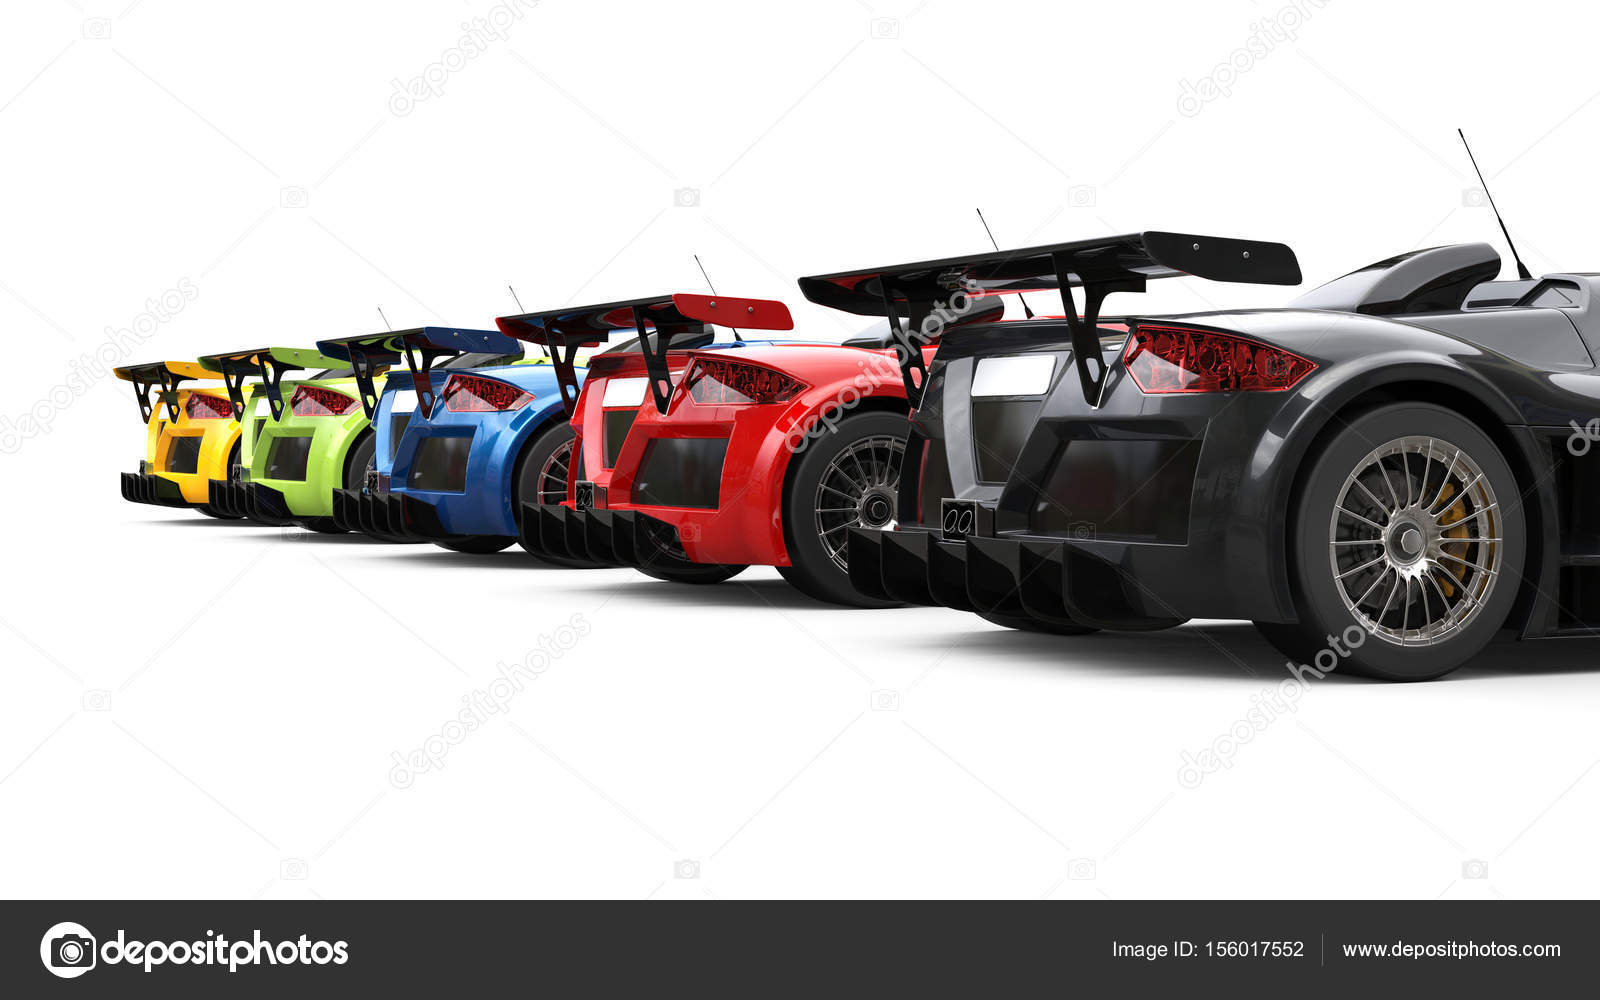 Colori Vernici Auto : Auto da corsa impressionante vari colori vernici vista